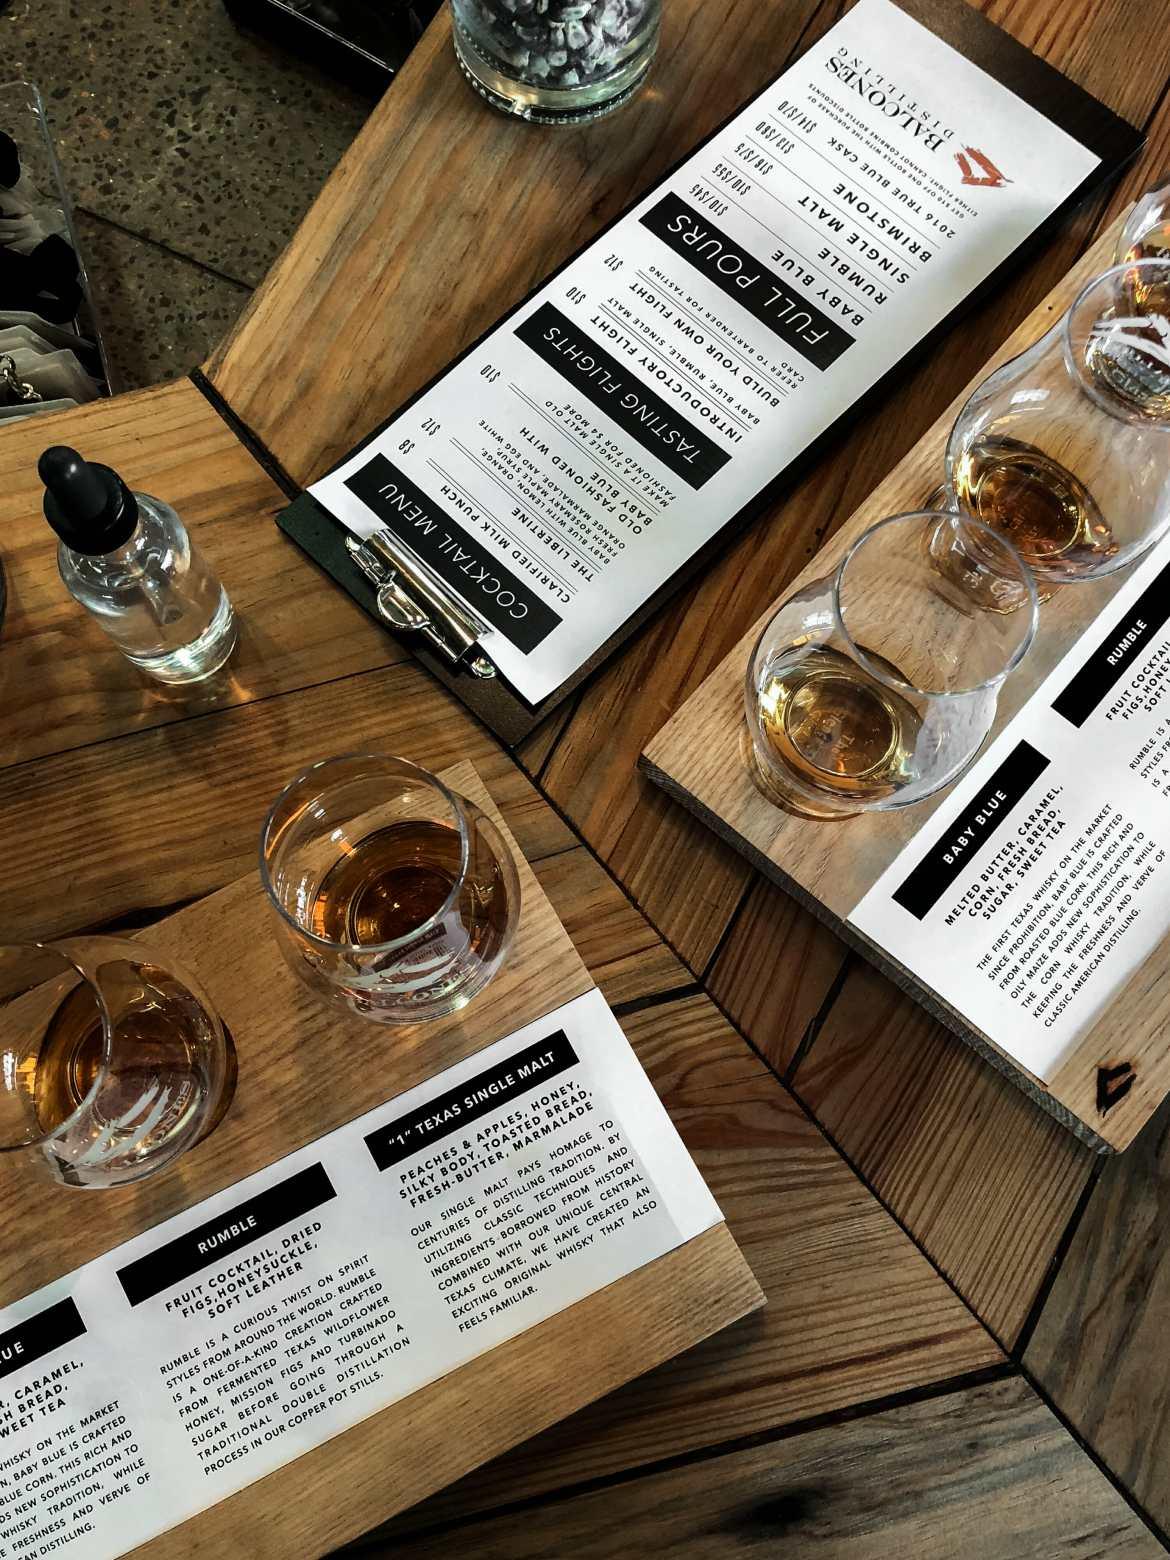 balcones whiskey tasting